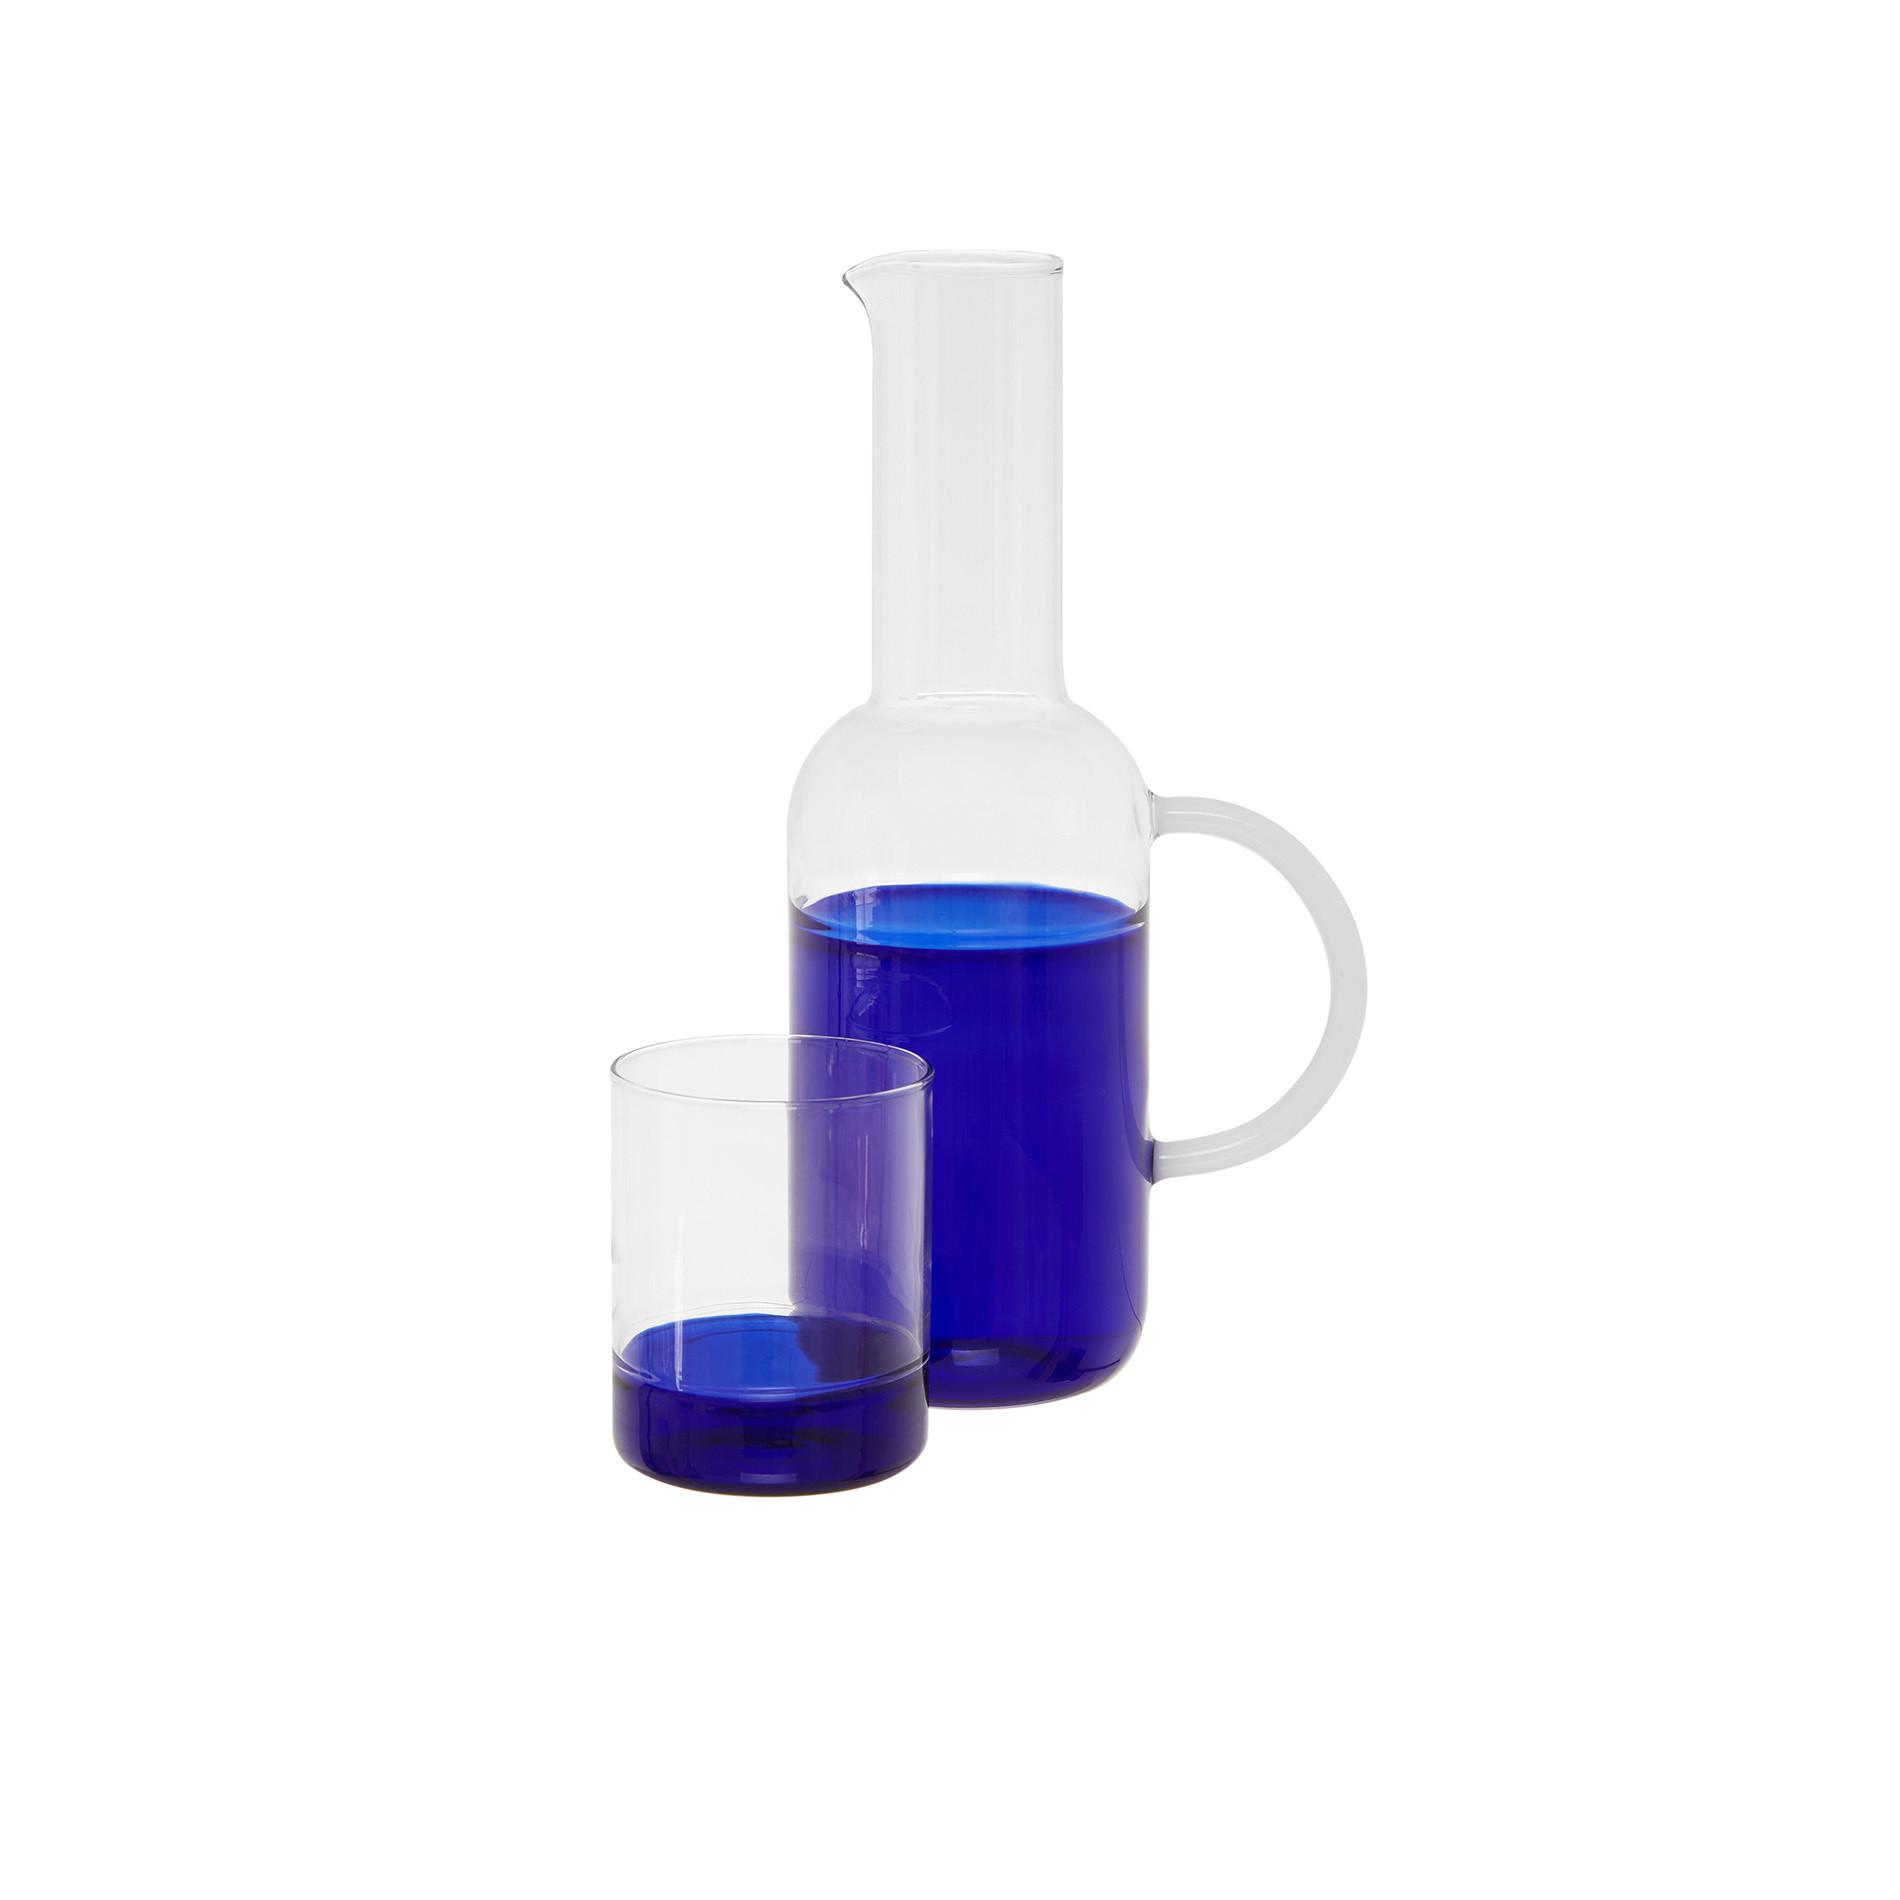 Bicchiere vetro base colorata, Bianco/Blu, large image number 1